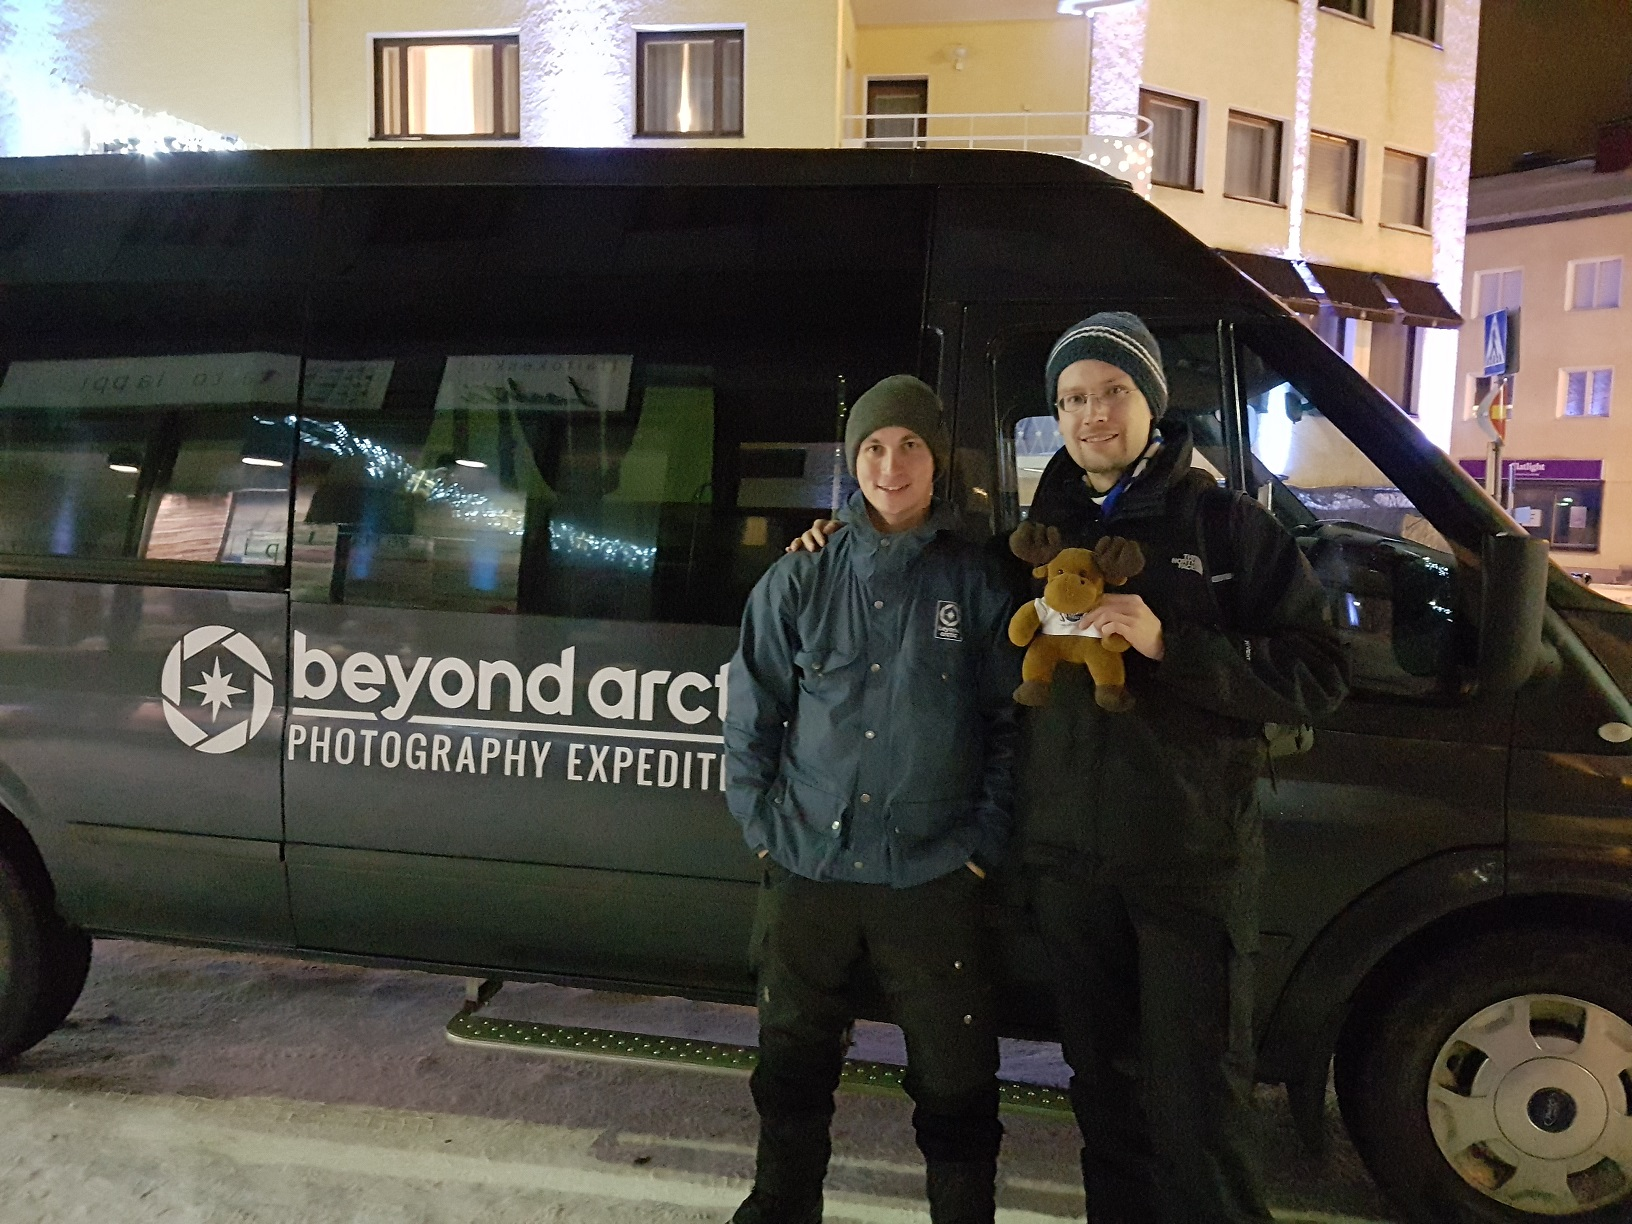 Juho Uurtamo, René und Hannu-Pekka vor dem Beyond Arctic-Bus.